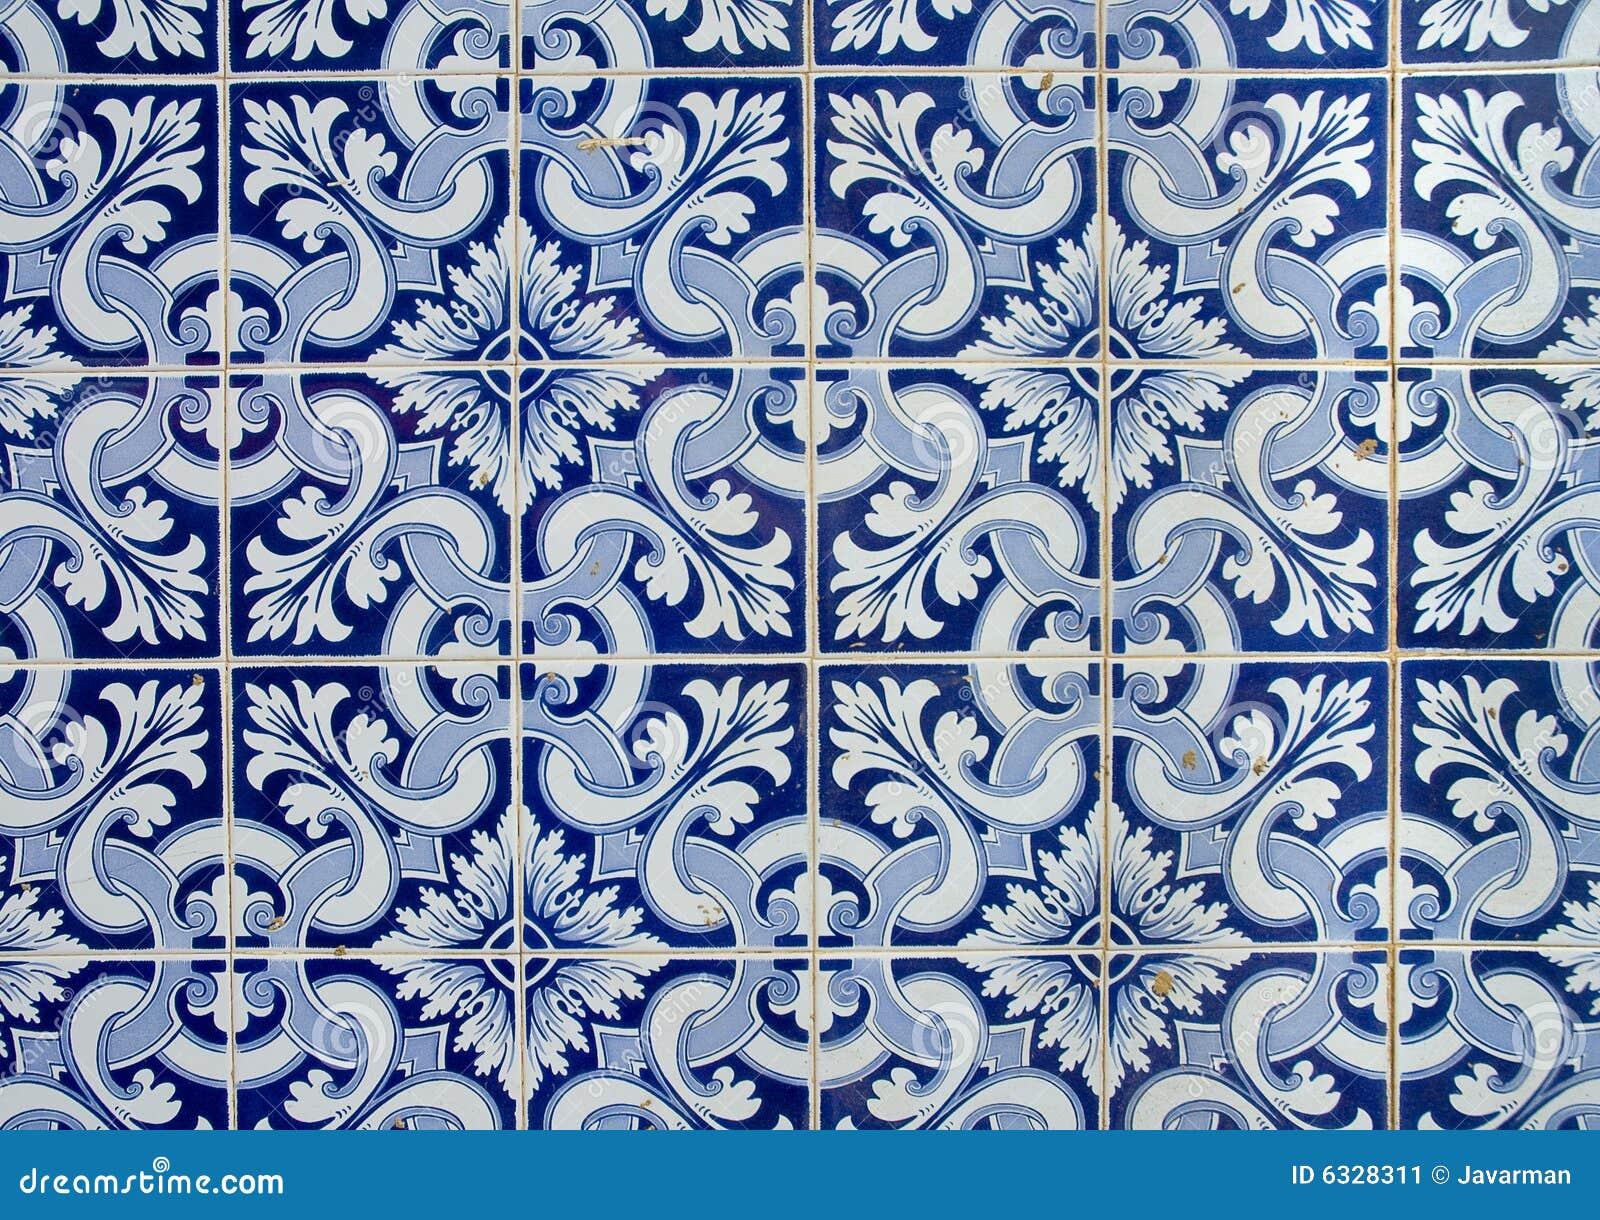 Azulejos portugueses imagen de archivo imagen 6328311 for Azulejos de portugal